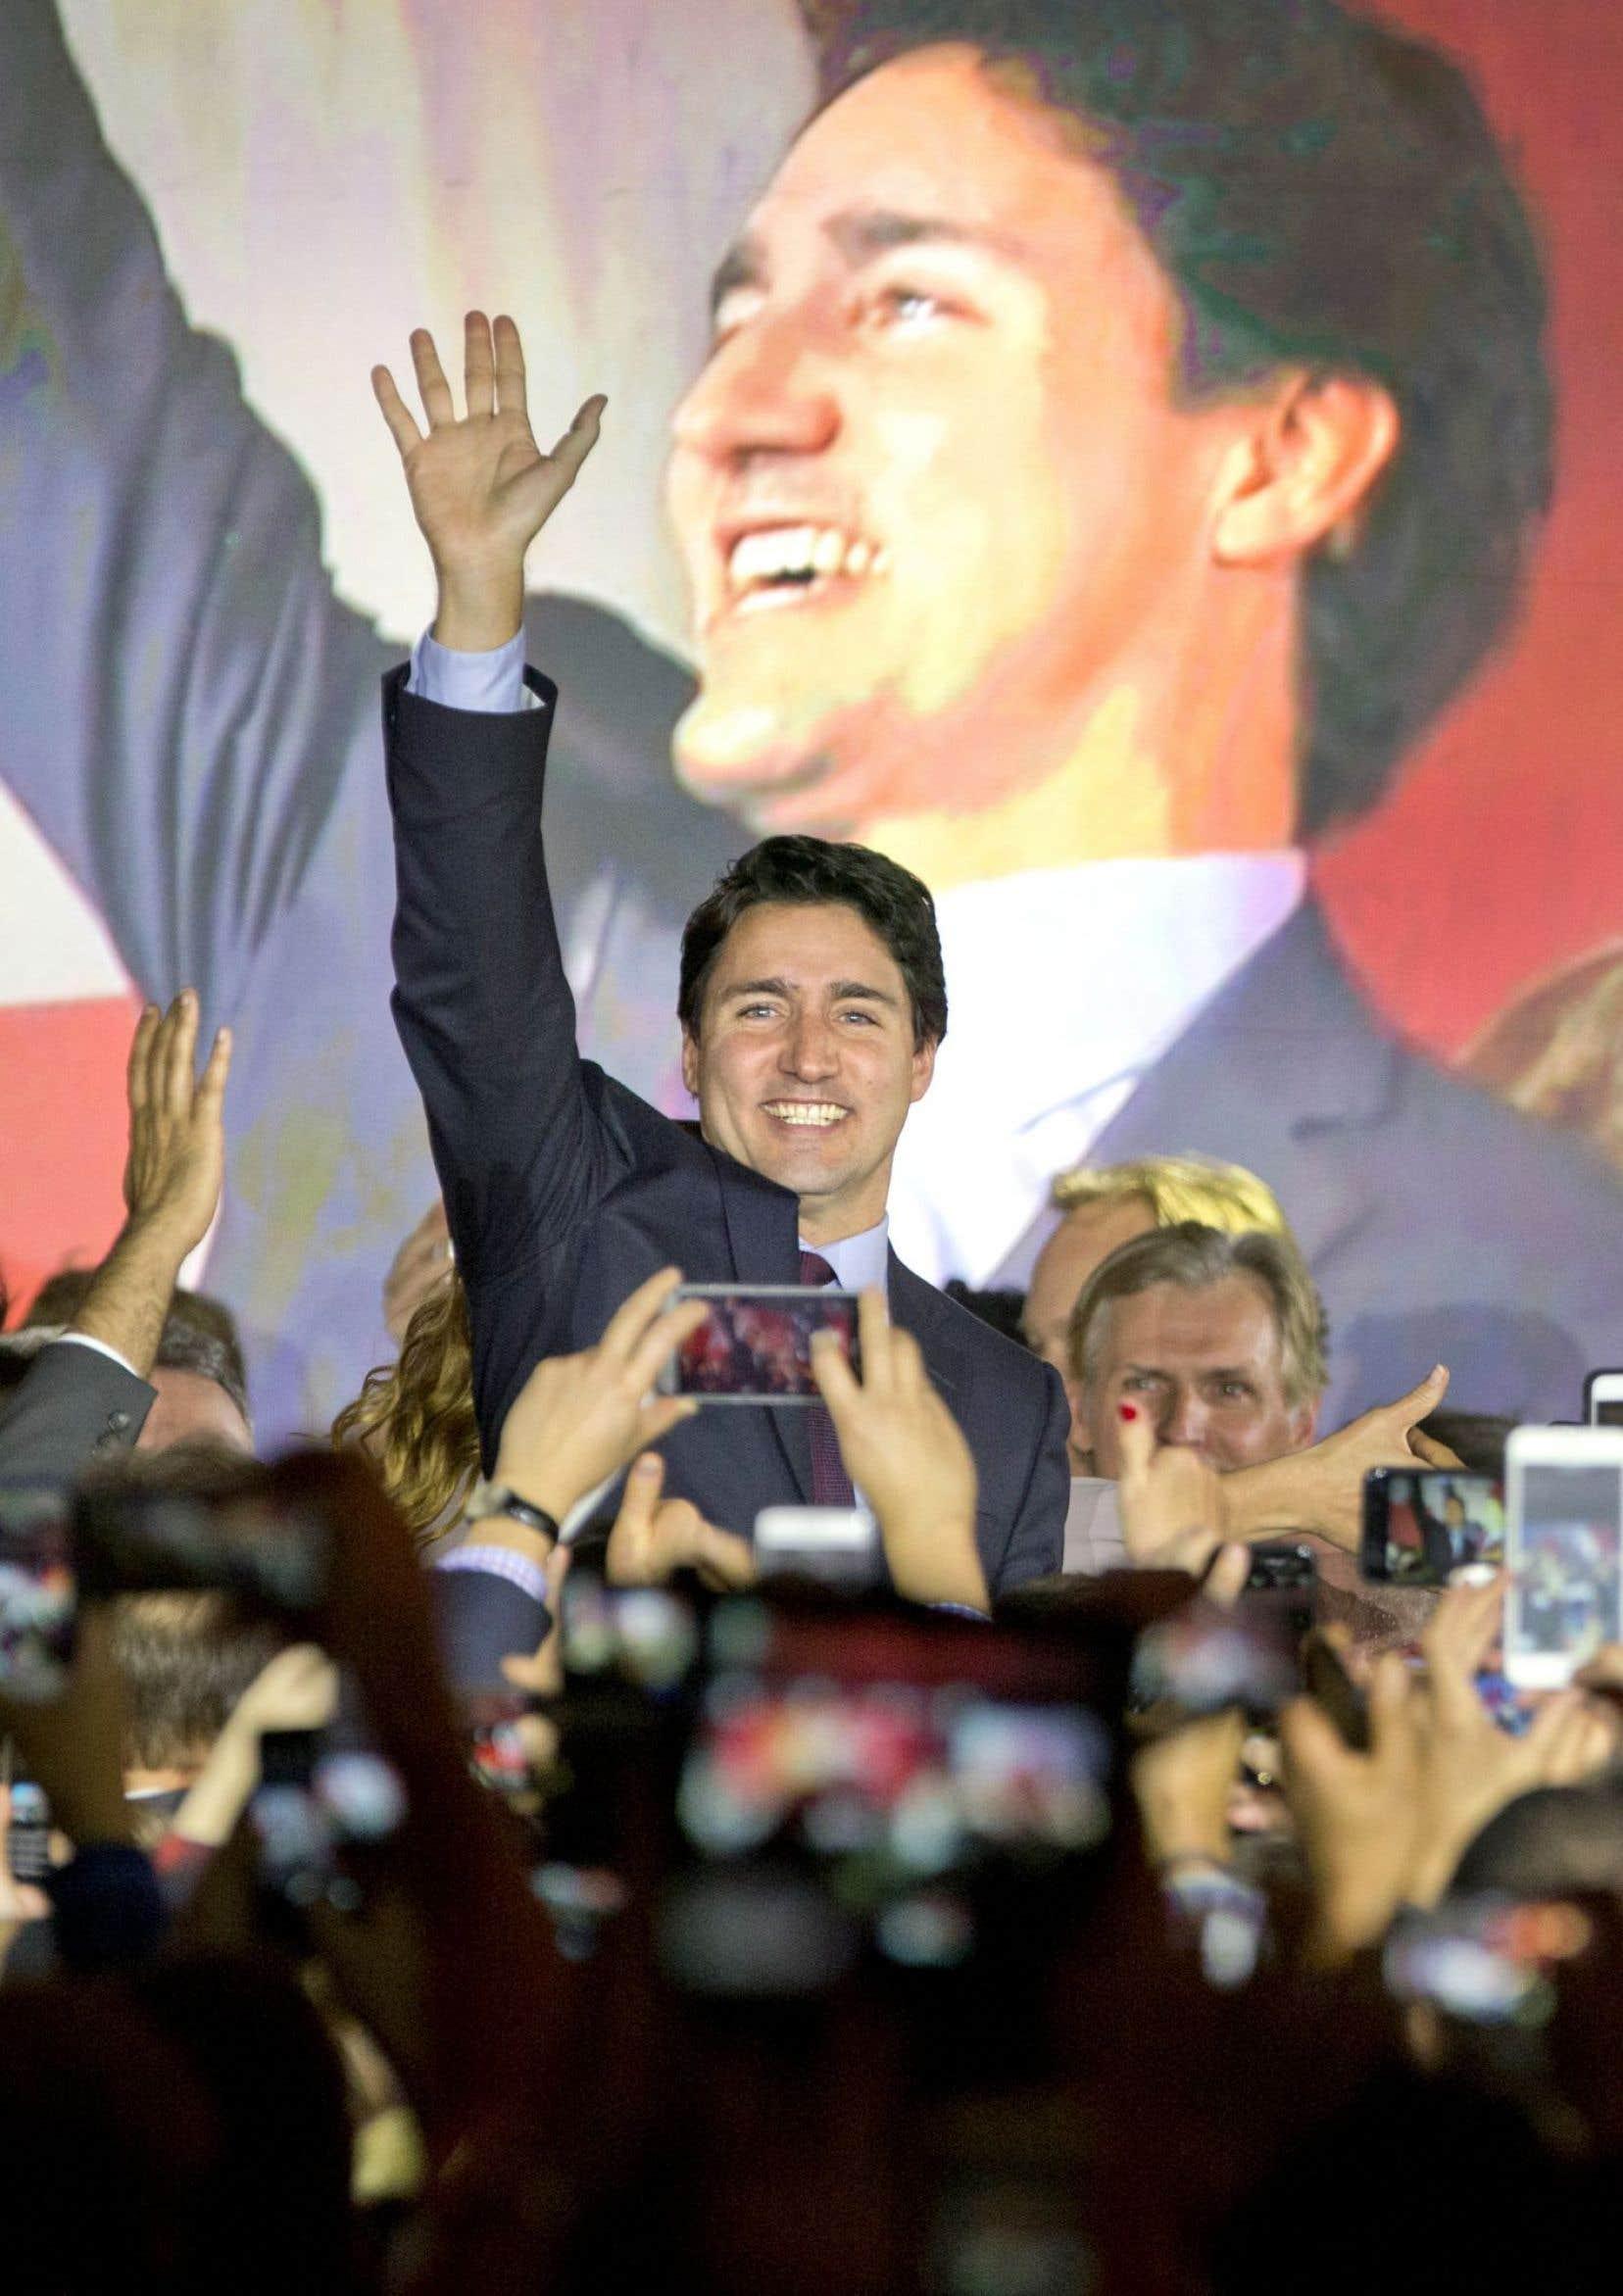 Leader connu et médiatiquement reconnu, Justin Trudeau était le bon candidat pour accéder au pouvoir dans le registre politique actuel.